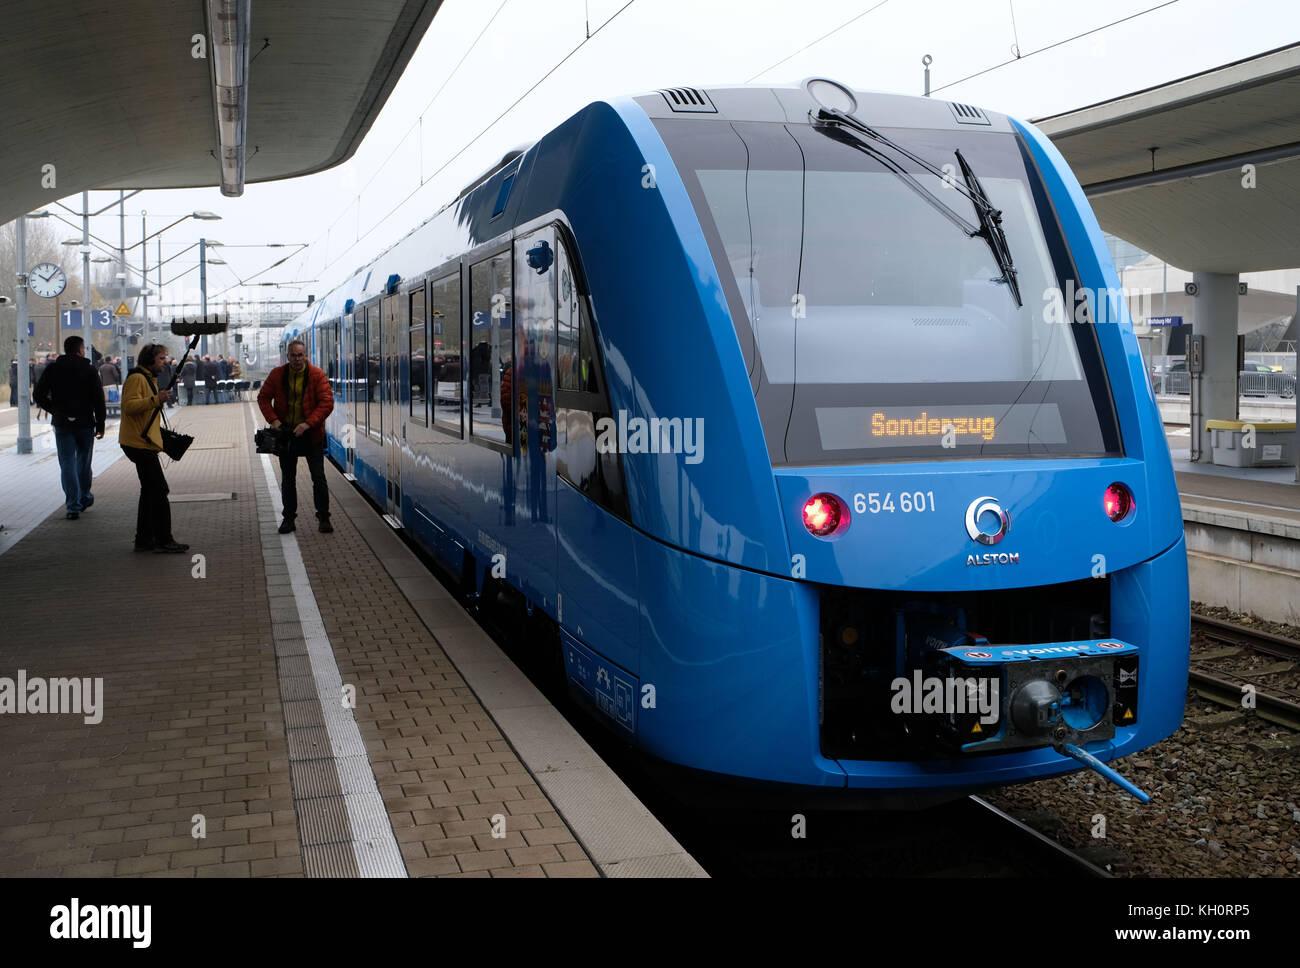 Wolfsburg, Alemania. 9 nov, 2017. un nuevo tren propulsado por pilas de combustible que convierten el hidrógeno Imagen De Stock